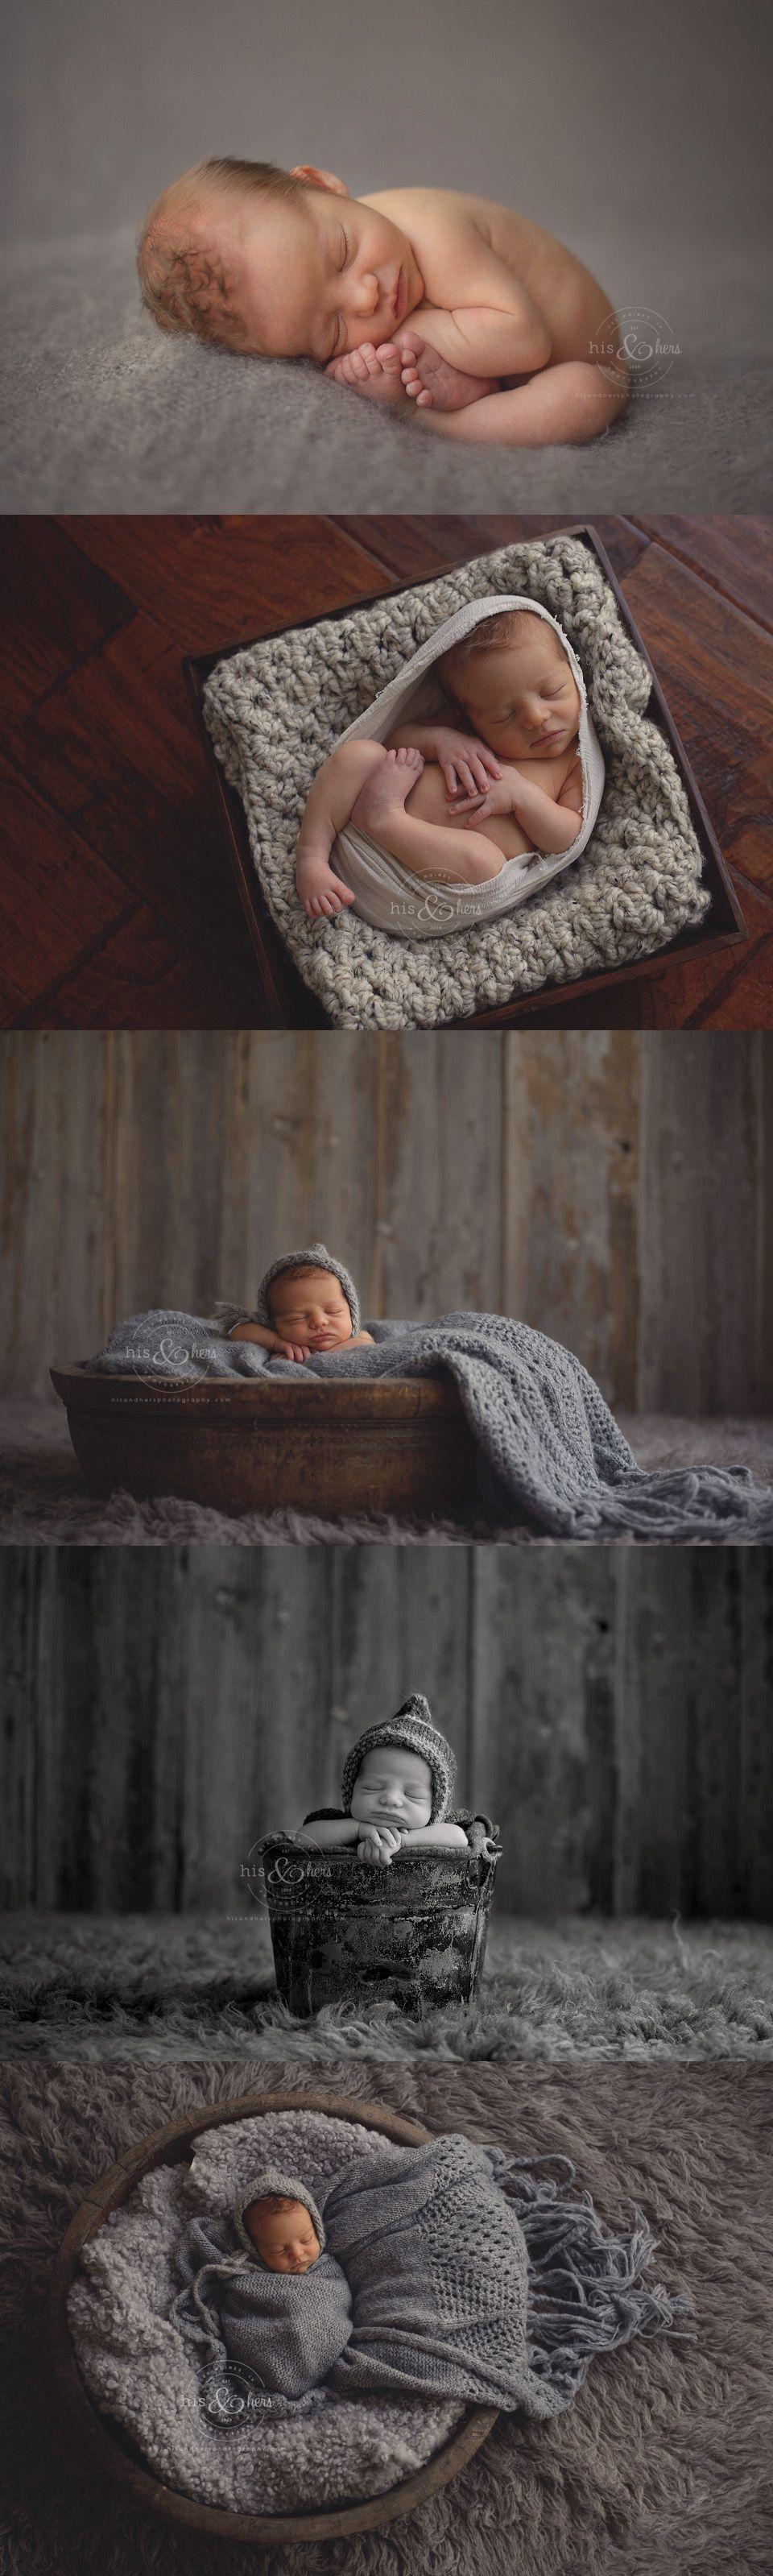 Newborn | Sawyer, 8 days new